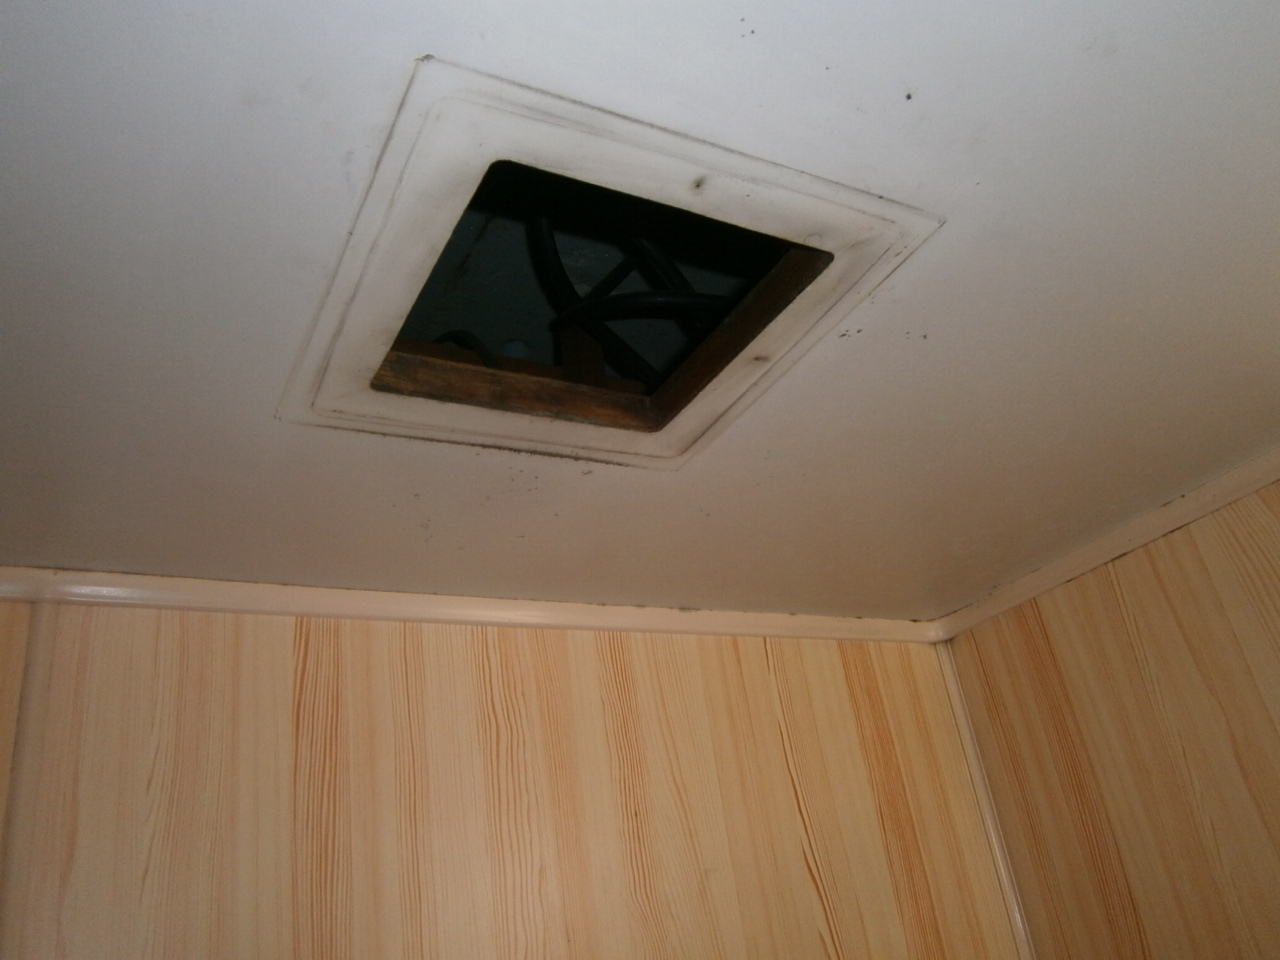 名古屋市南区 浴室換気扇取替工事 撤去後